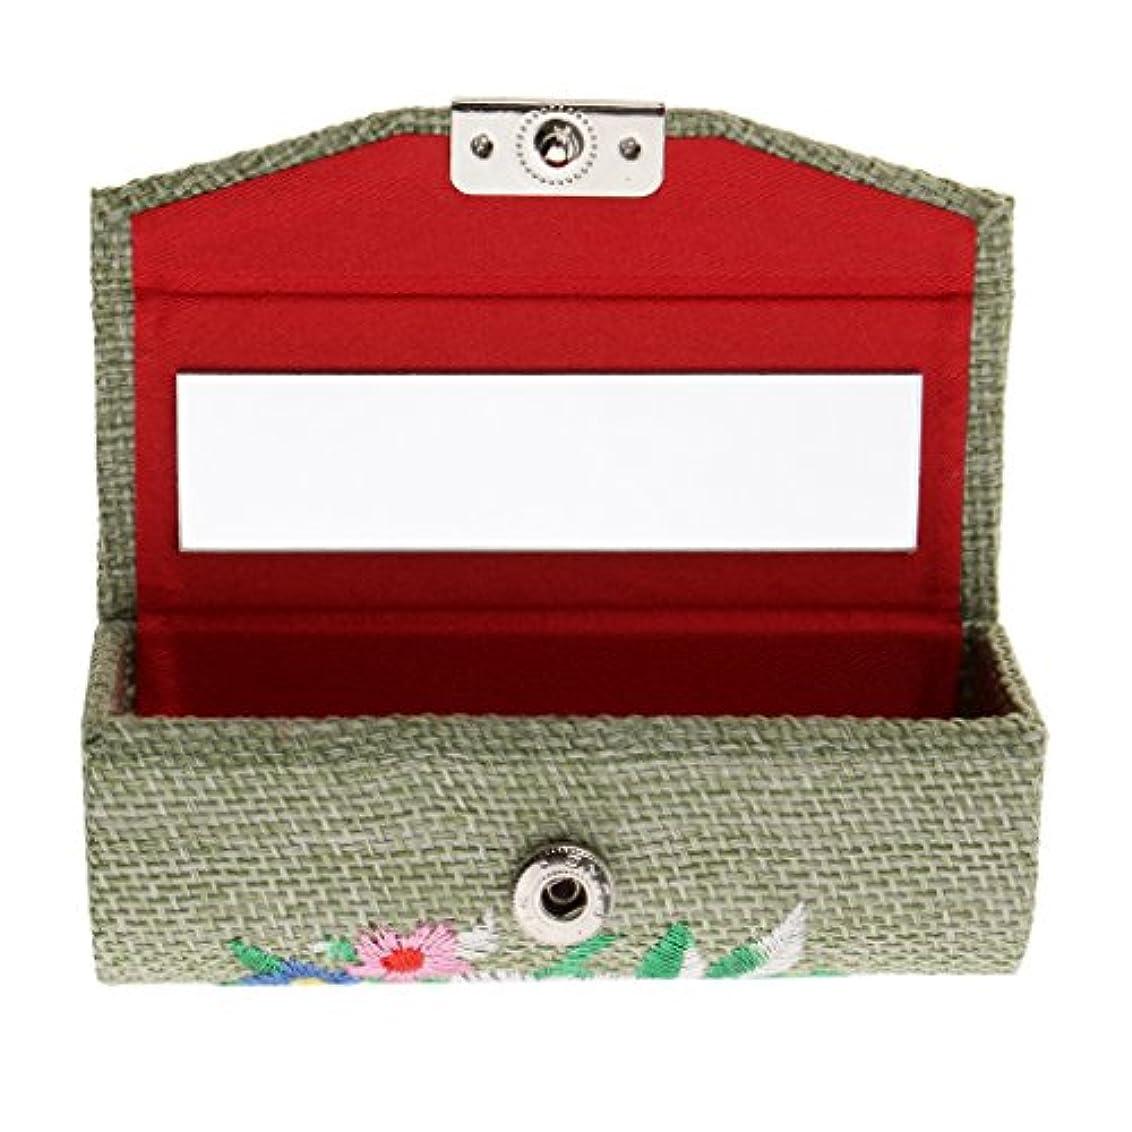 アドバンテージ非常に下線CUTICATE 化粧ポーチ 口紅ホルダー 小物入れ 収納ケース ミラー付き 刺繍 レトロ 6色選べる - ライトグリーン